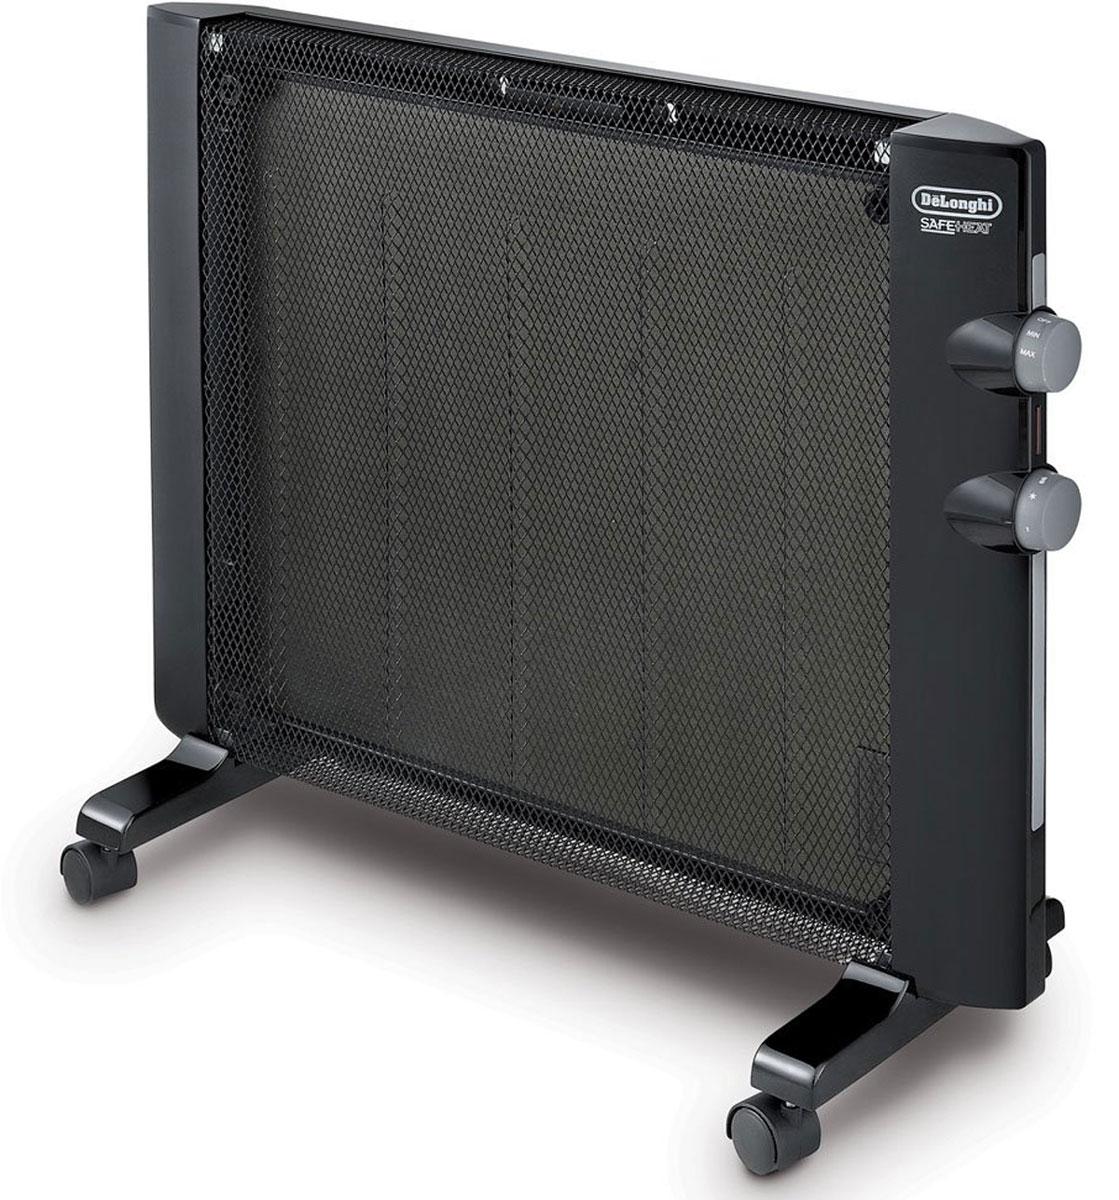 DeLonghi HMP1500 микатермический обогревательHMP1500Легкий и стильный способ обогрева вашей комнаты. Гладкий, современный дизайн DeLonghi HMP1500 идеально впишется в любой интерьер. Настраивайте желаемую температуру в помещении при помощи термостата и двух уровней мощности работы; выберите режим HIGH для 1500 Вт или режим LOW для 750 Вт. Эффективное использование свободного пространства с возможностью крепления обогревателя на стену. Просто снимите напольные ножки и повесьте обогреватель на любую стену (настенный крепеж в комплекте).